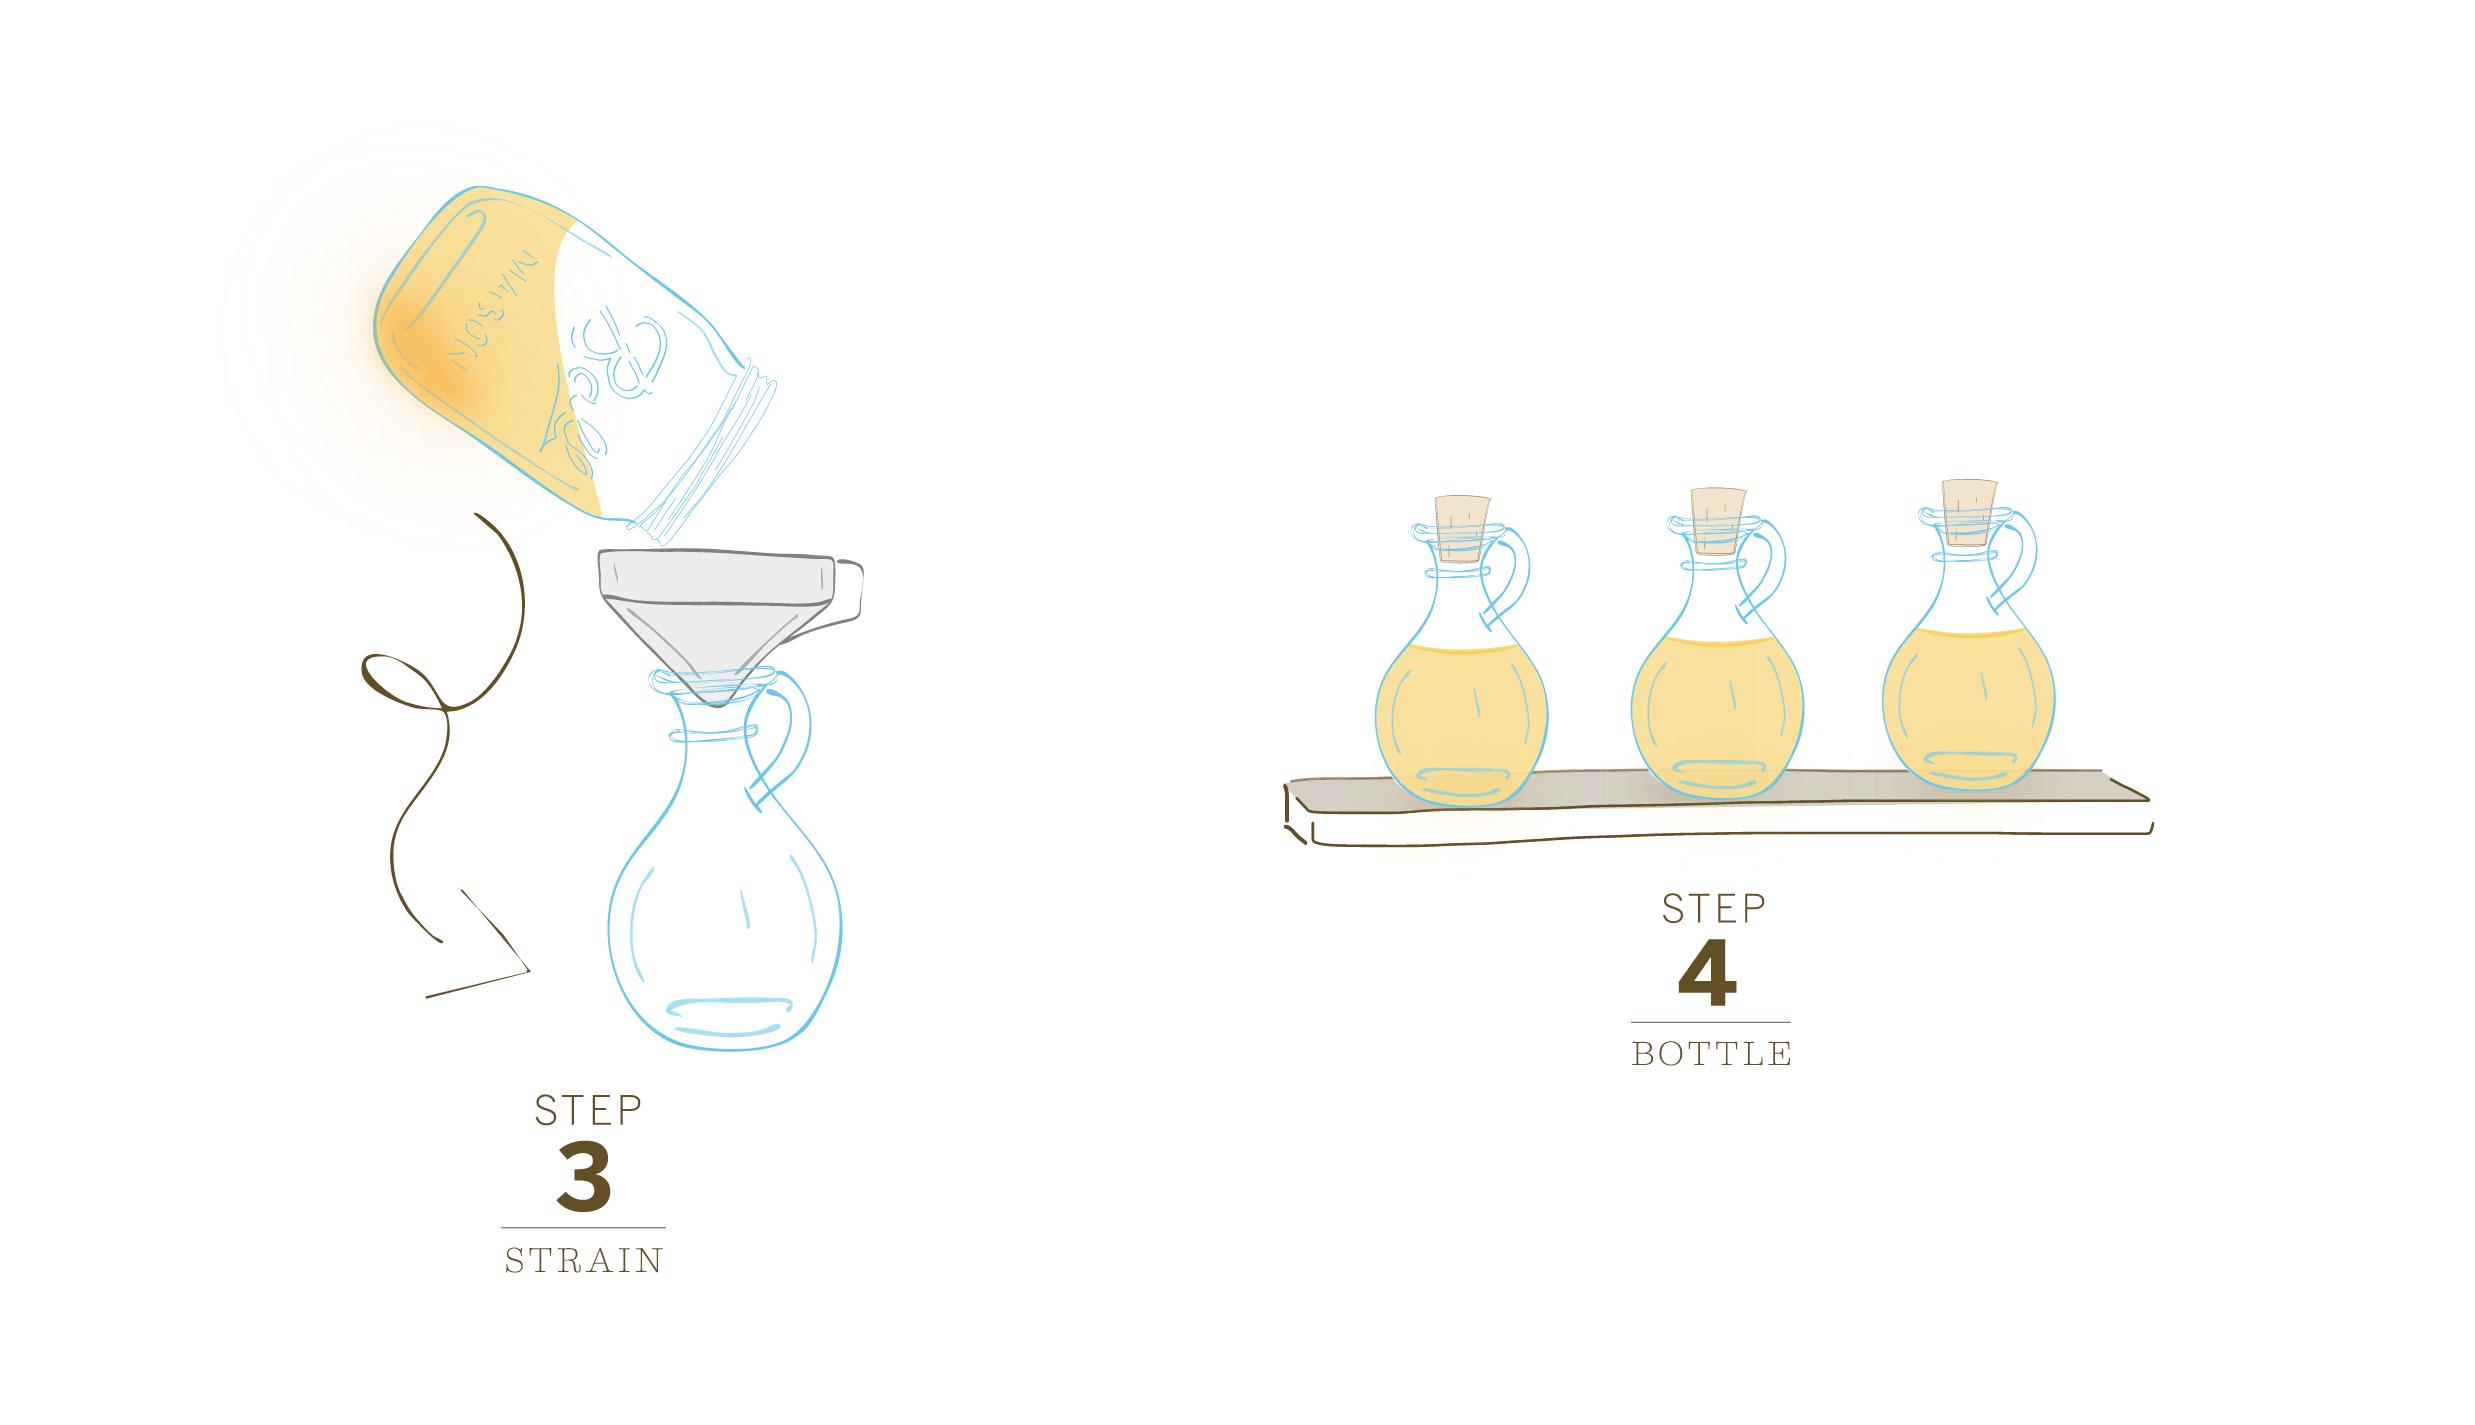 Tastebuds_Fall2015_illustrationshr2.jpg